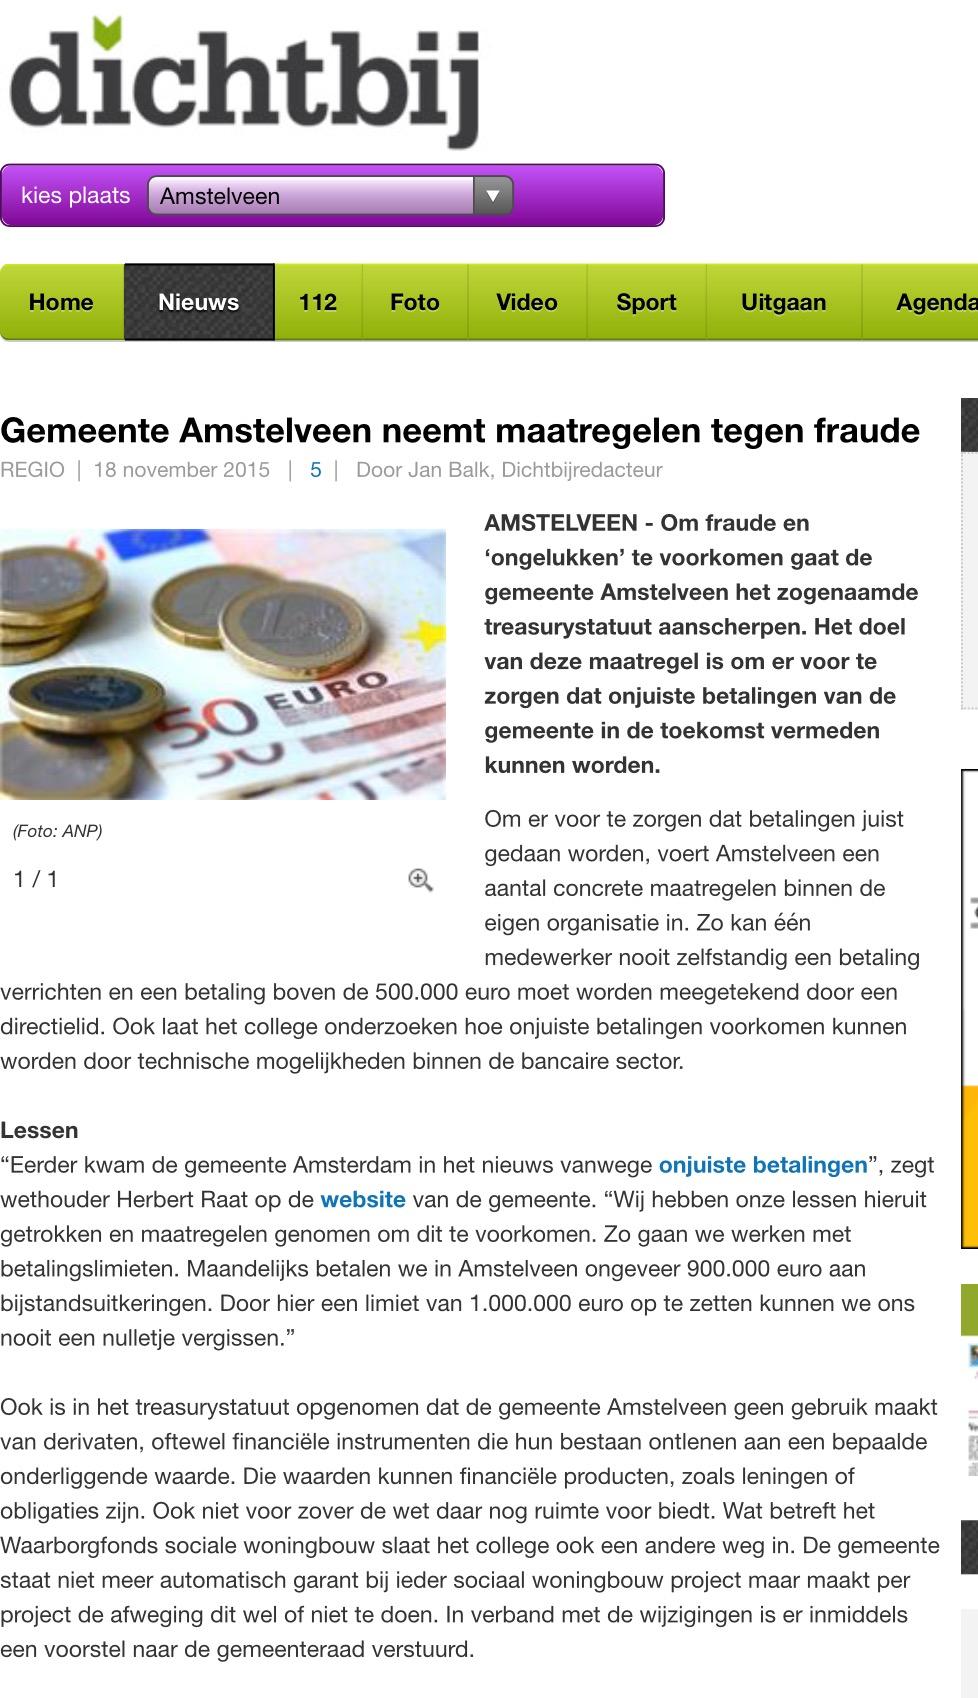 2018-18-11 AmstelveenDichtbij; Wethouder Herbert Raat over maatregelen tegen financiële fraude